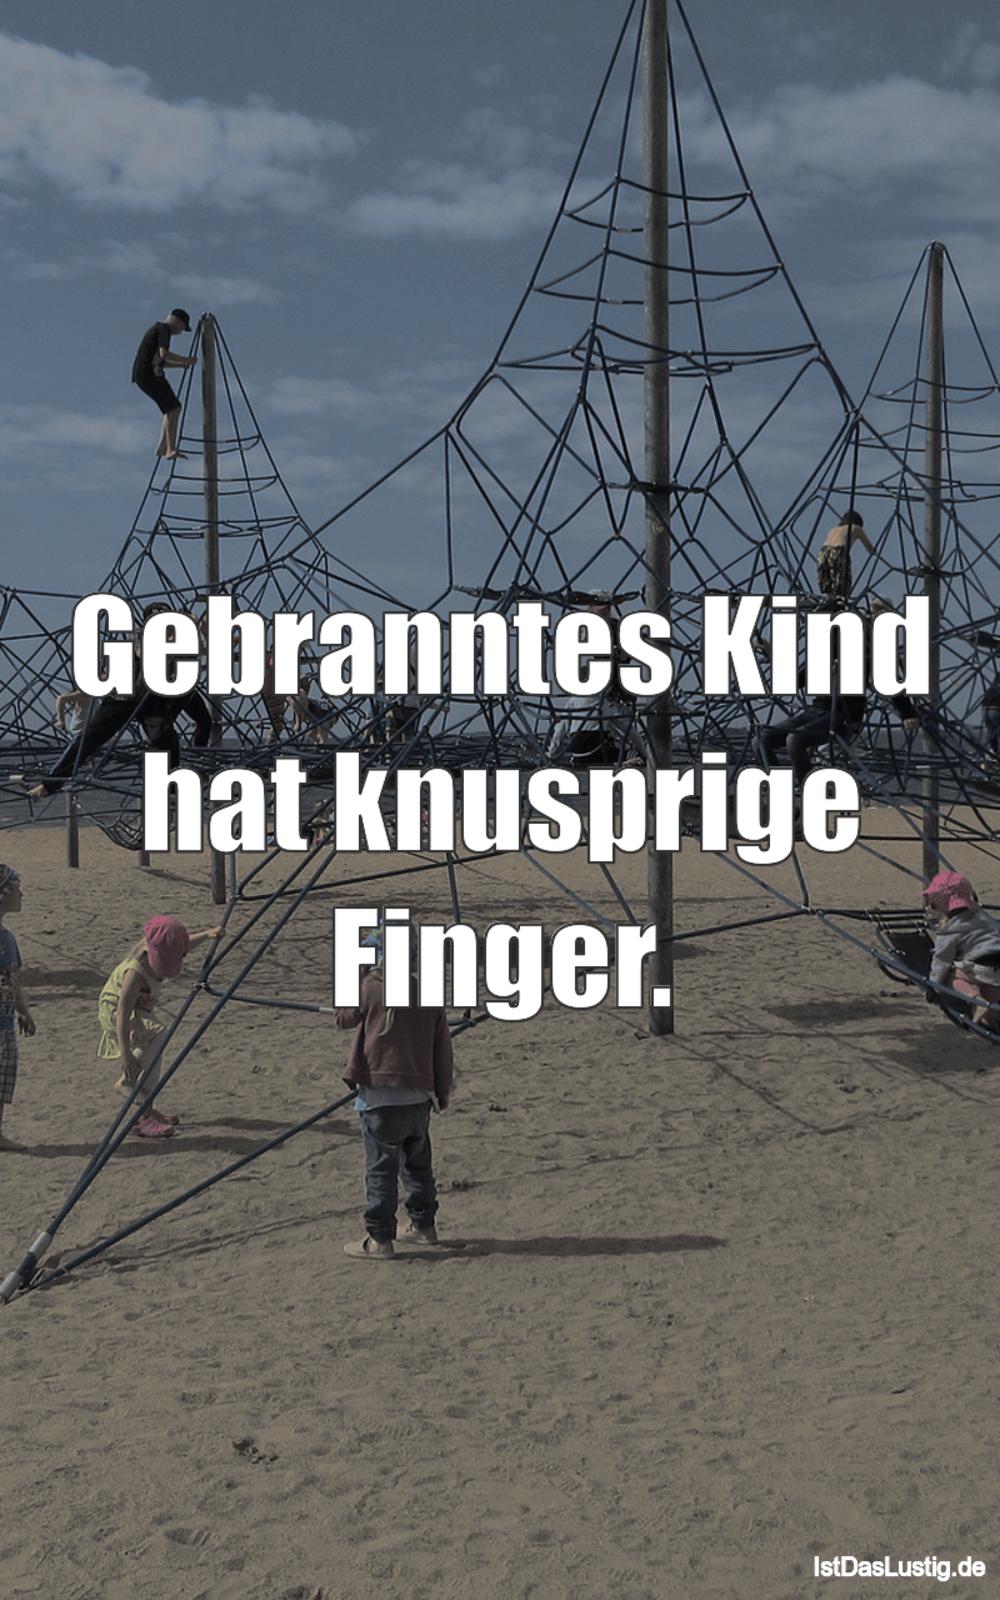 Lustiger BilderSpruch - Gebranntes Kind hat knusprige Finger.